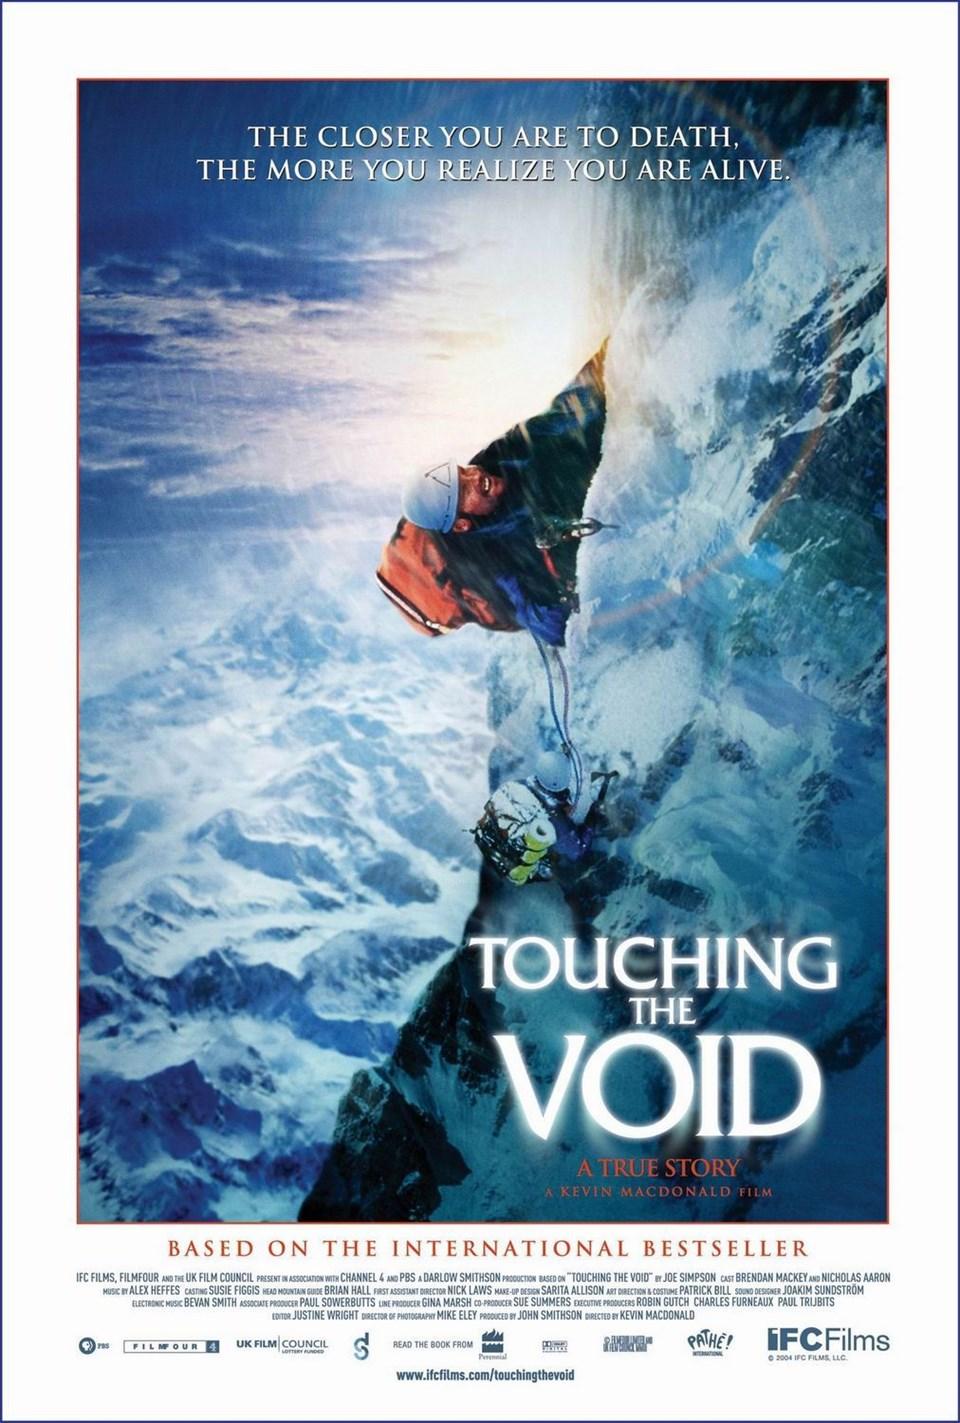 en iyi dağcılık filmleri, en güzel dağcılık filmleri, tırmanış filmleri, touching the void